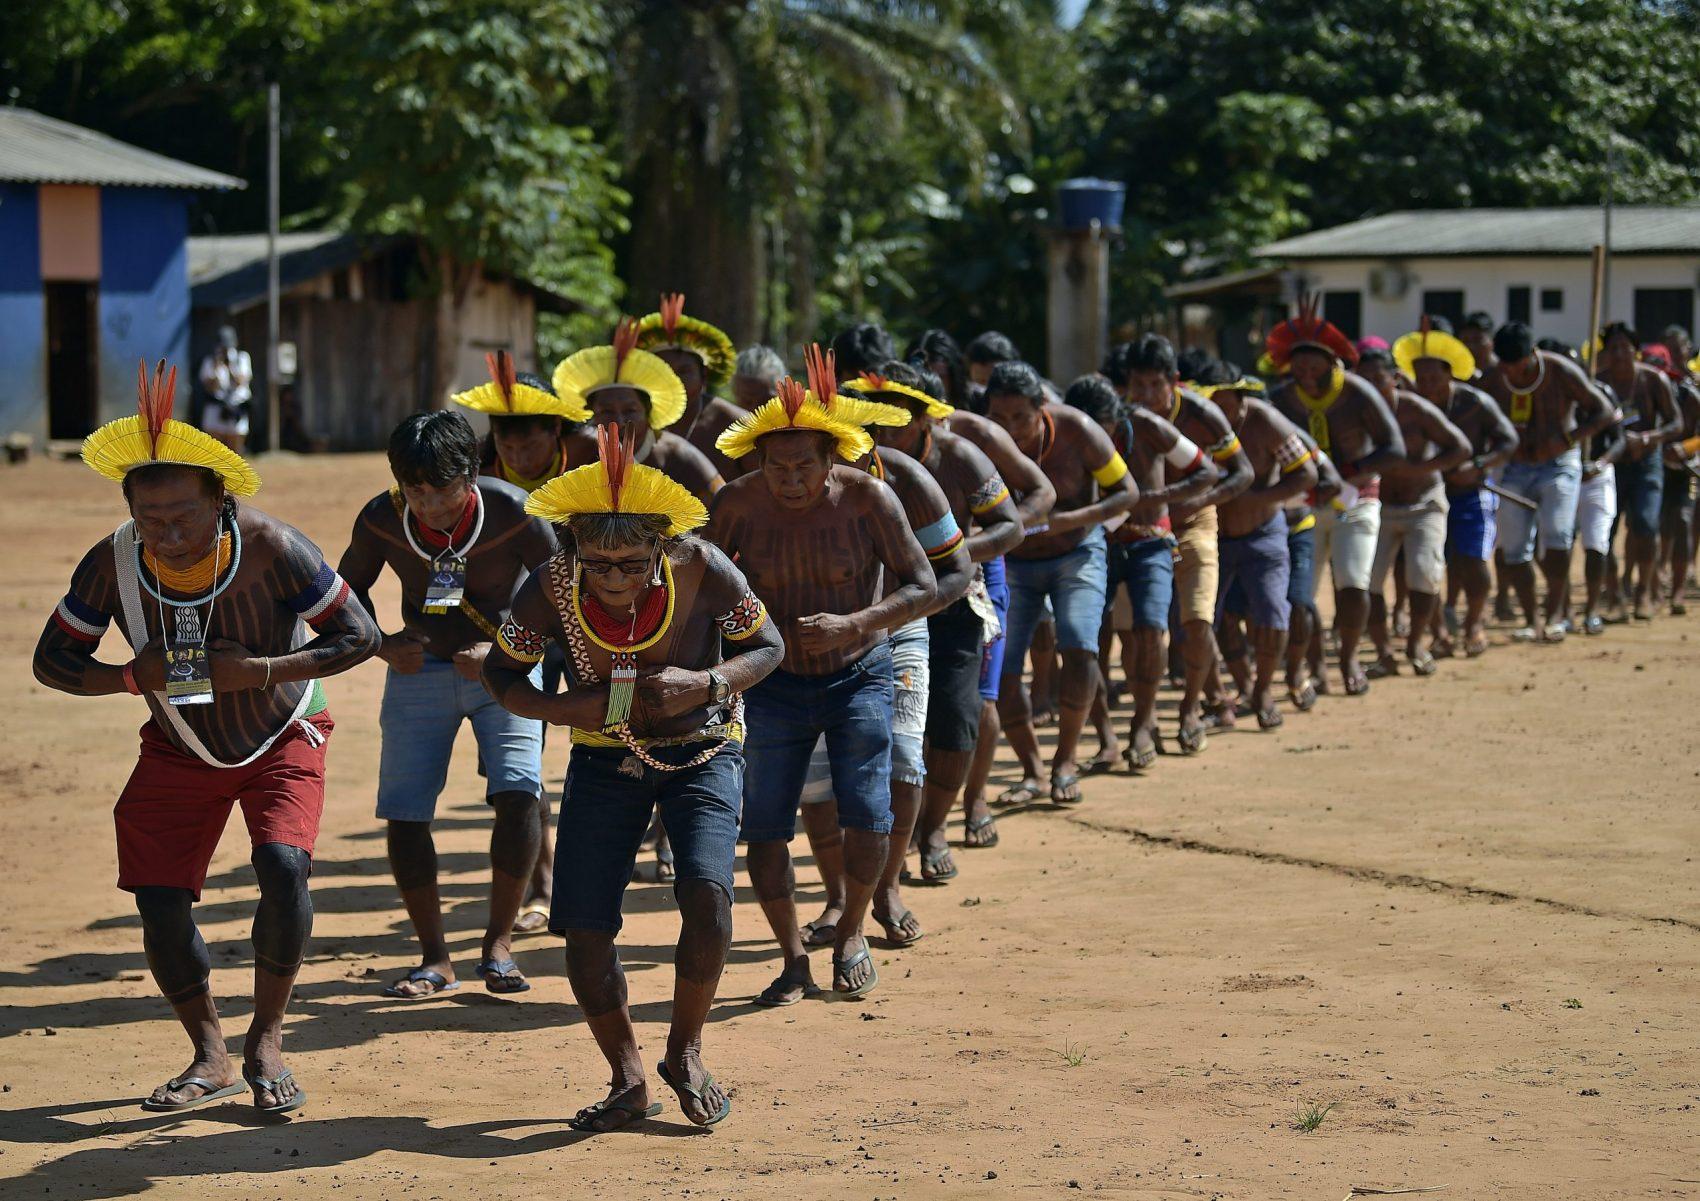 Indígenas dançam em homenagem a Raoni, na Capoto Jarina, terra indígena cortada por uma estrada por onde trafegam carretas de soja e gado: floresta afetada pelo desmatamento dos dois lados da via (Foto: Carl de Souza/AFP)